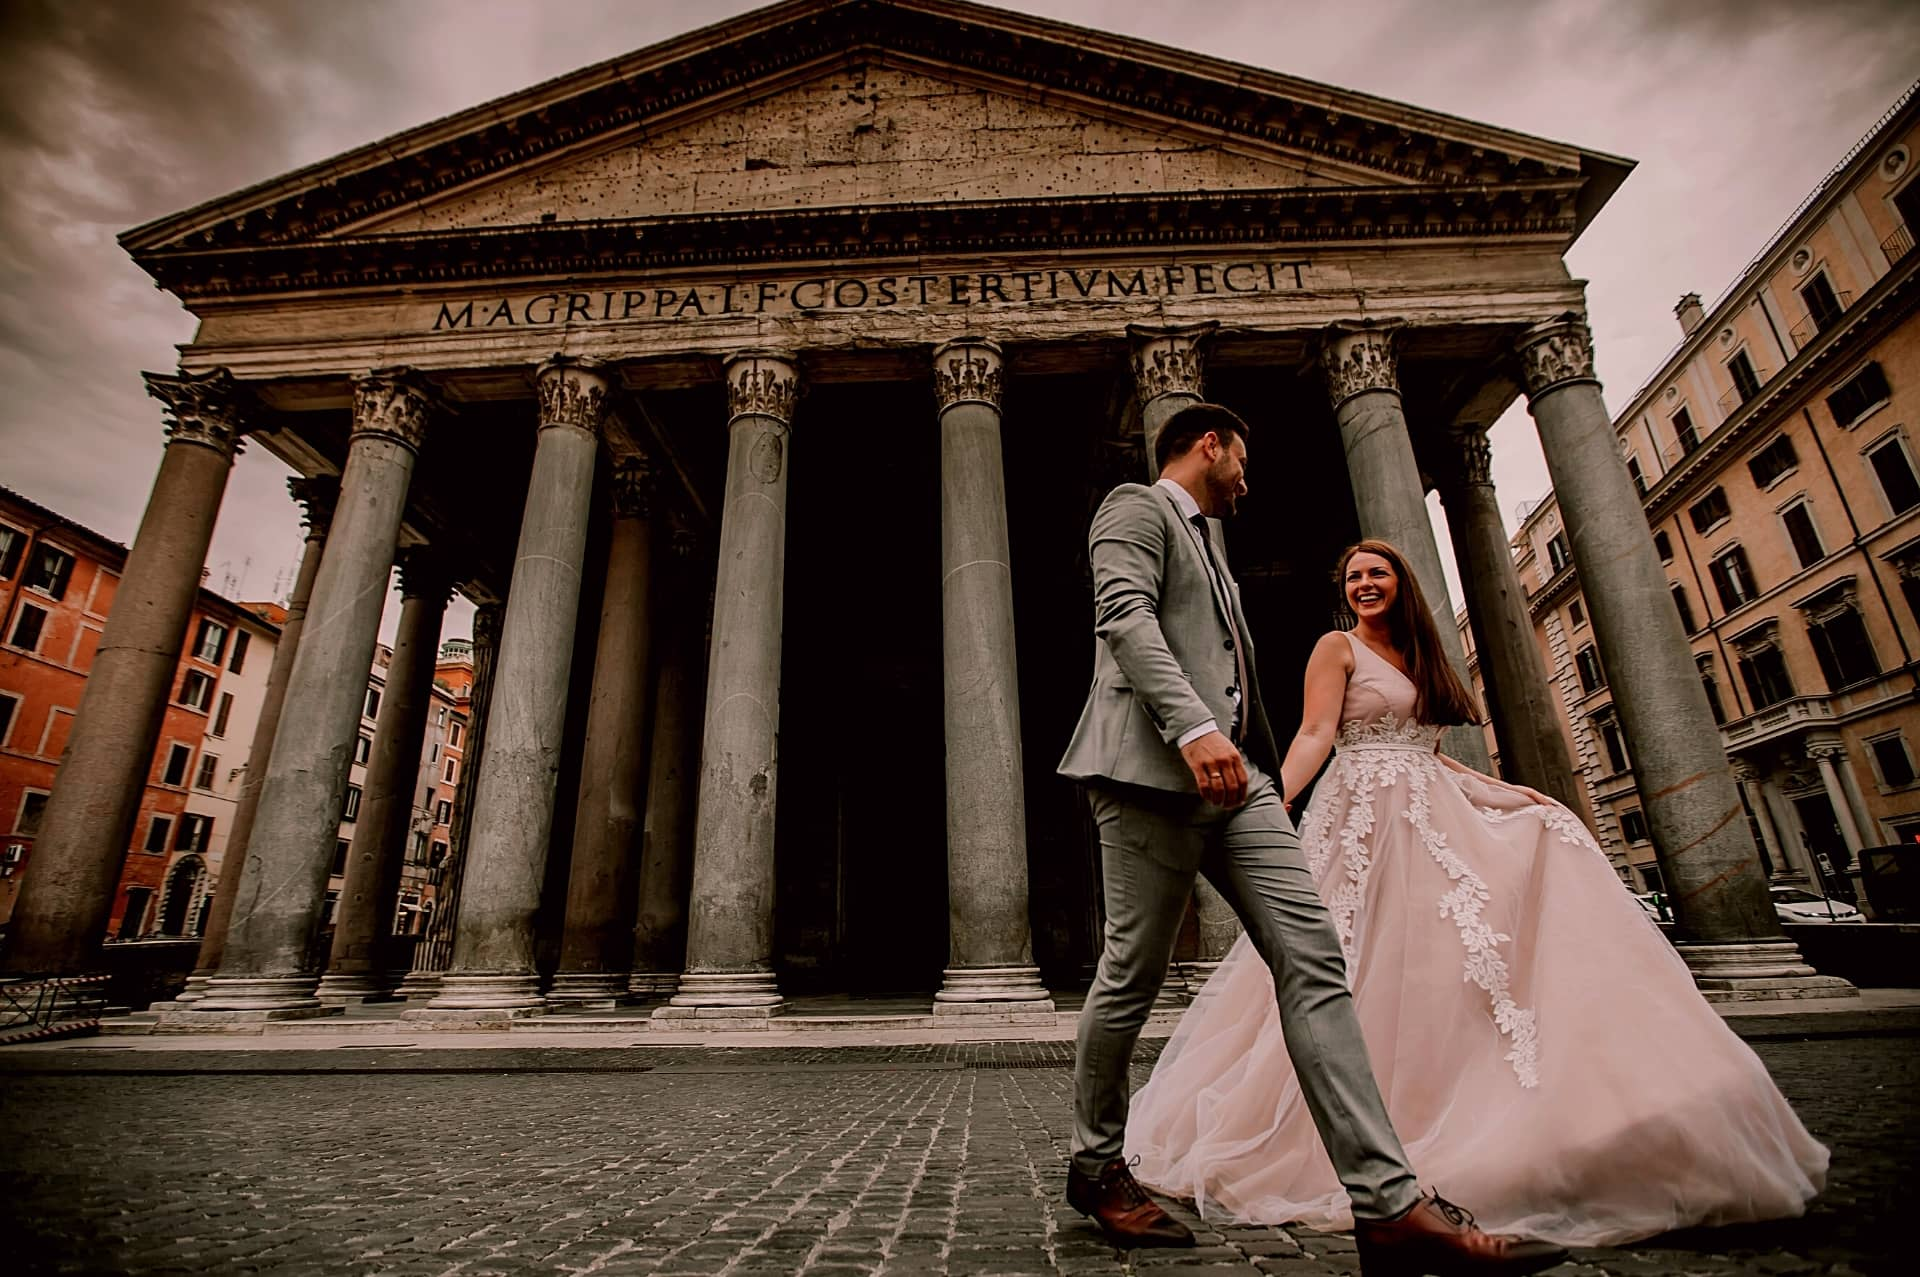 vestuvės užsienyje_Vilma-wedding-and-event-planner- vestuvės Italijoje_santuoka Italijoje_ Vilma Rapšaitė_vestuvių planavimas organizavimas koordinavimas_vestuvės užsienyje